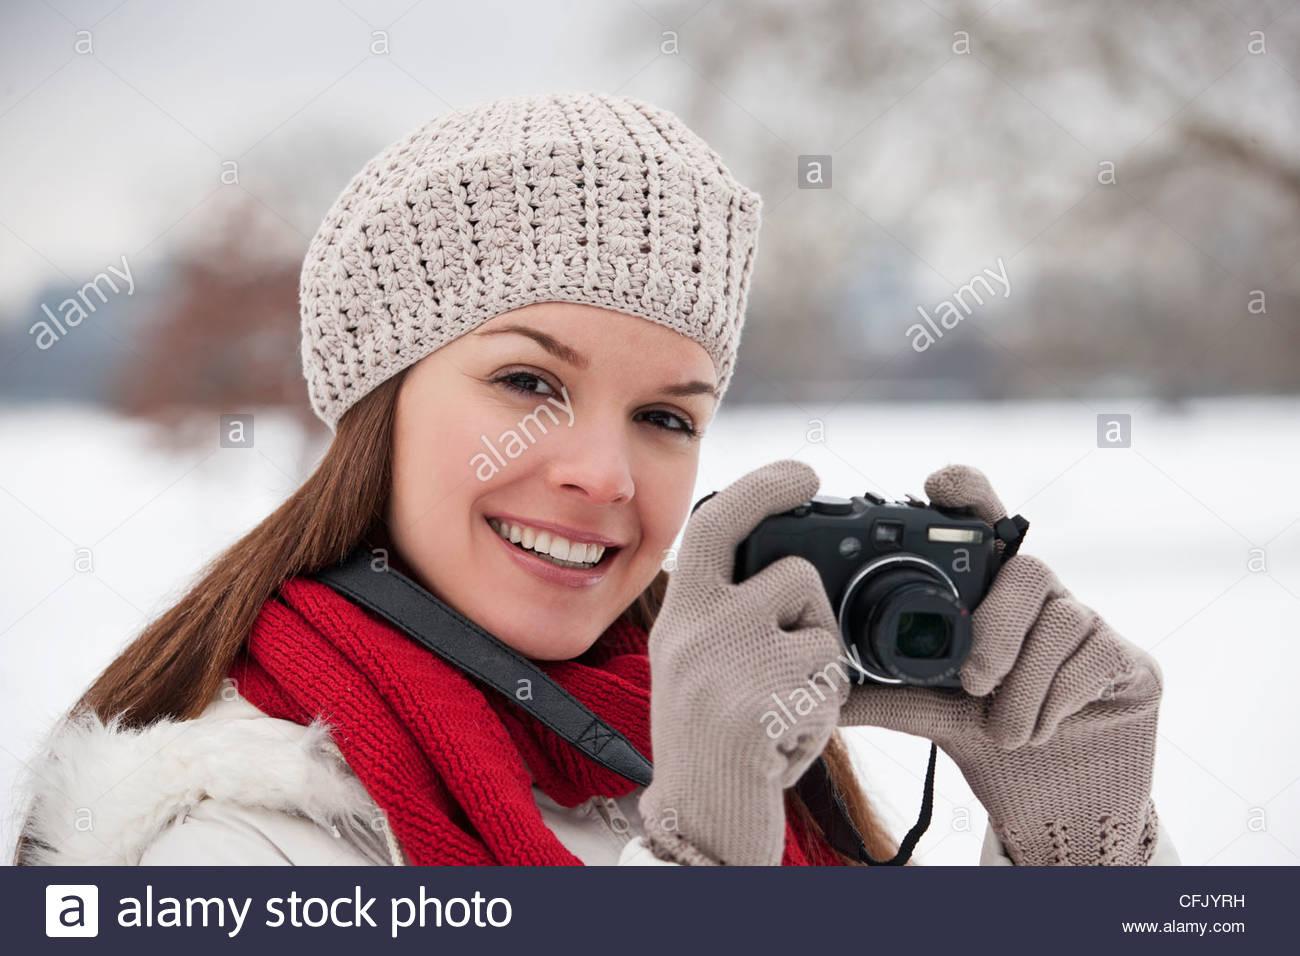 Eine junge Frau im Schnee stehen, ein Foto Stockbild